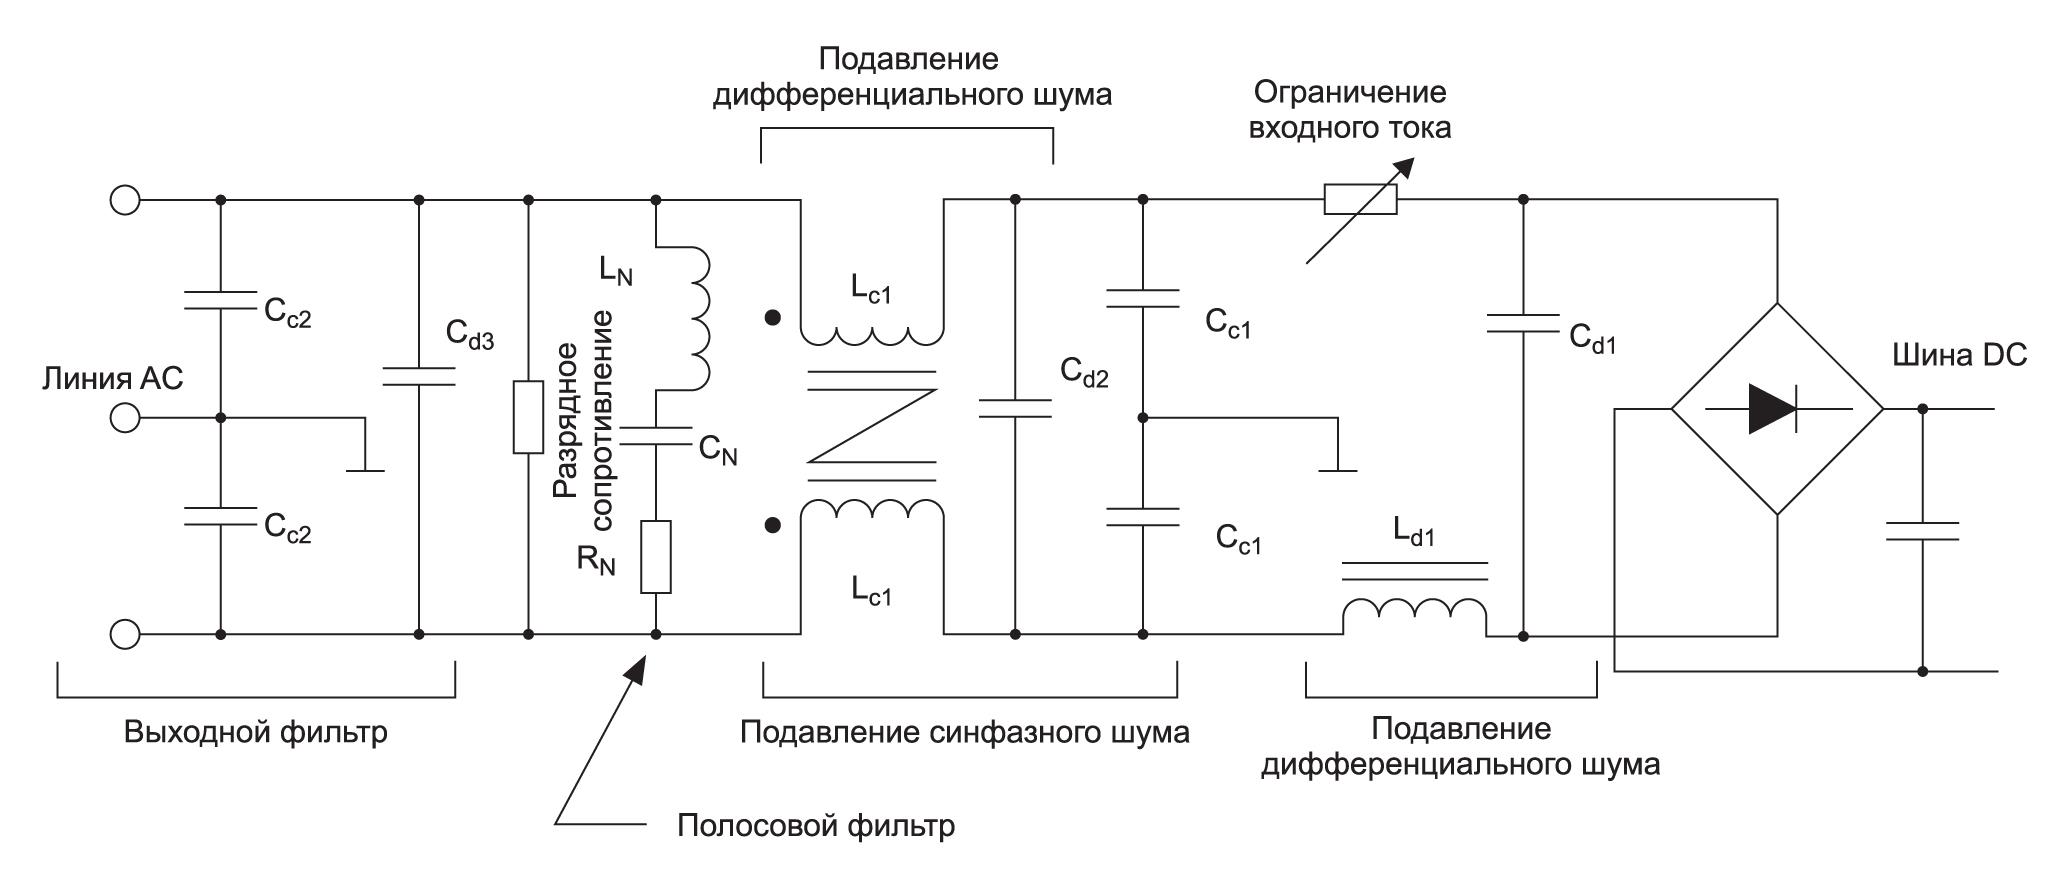 Схема линии питания первичной стороны с ЭМП-фильтрами